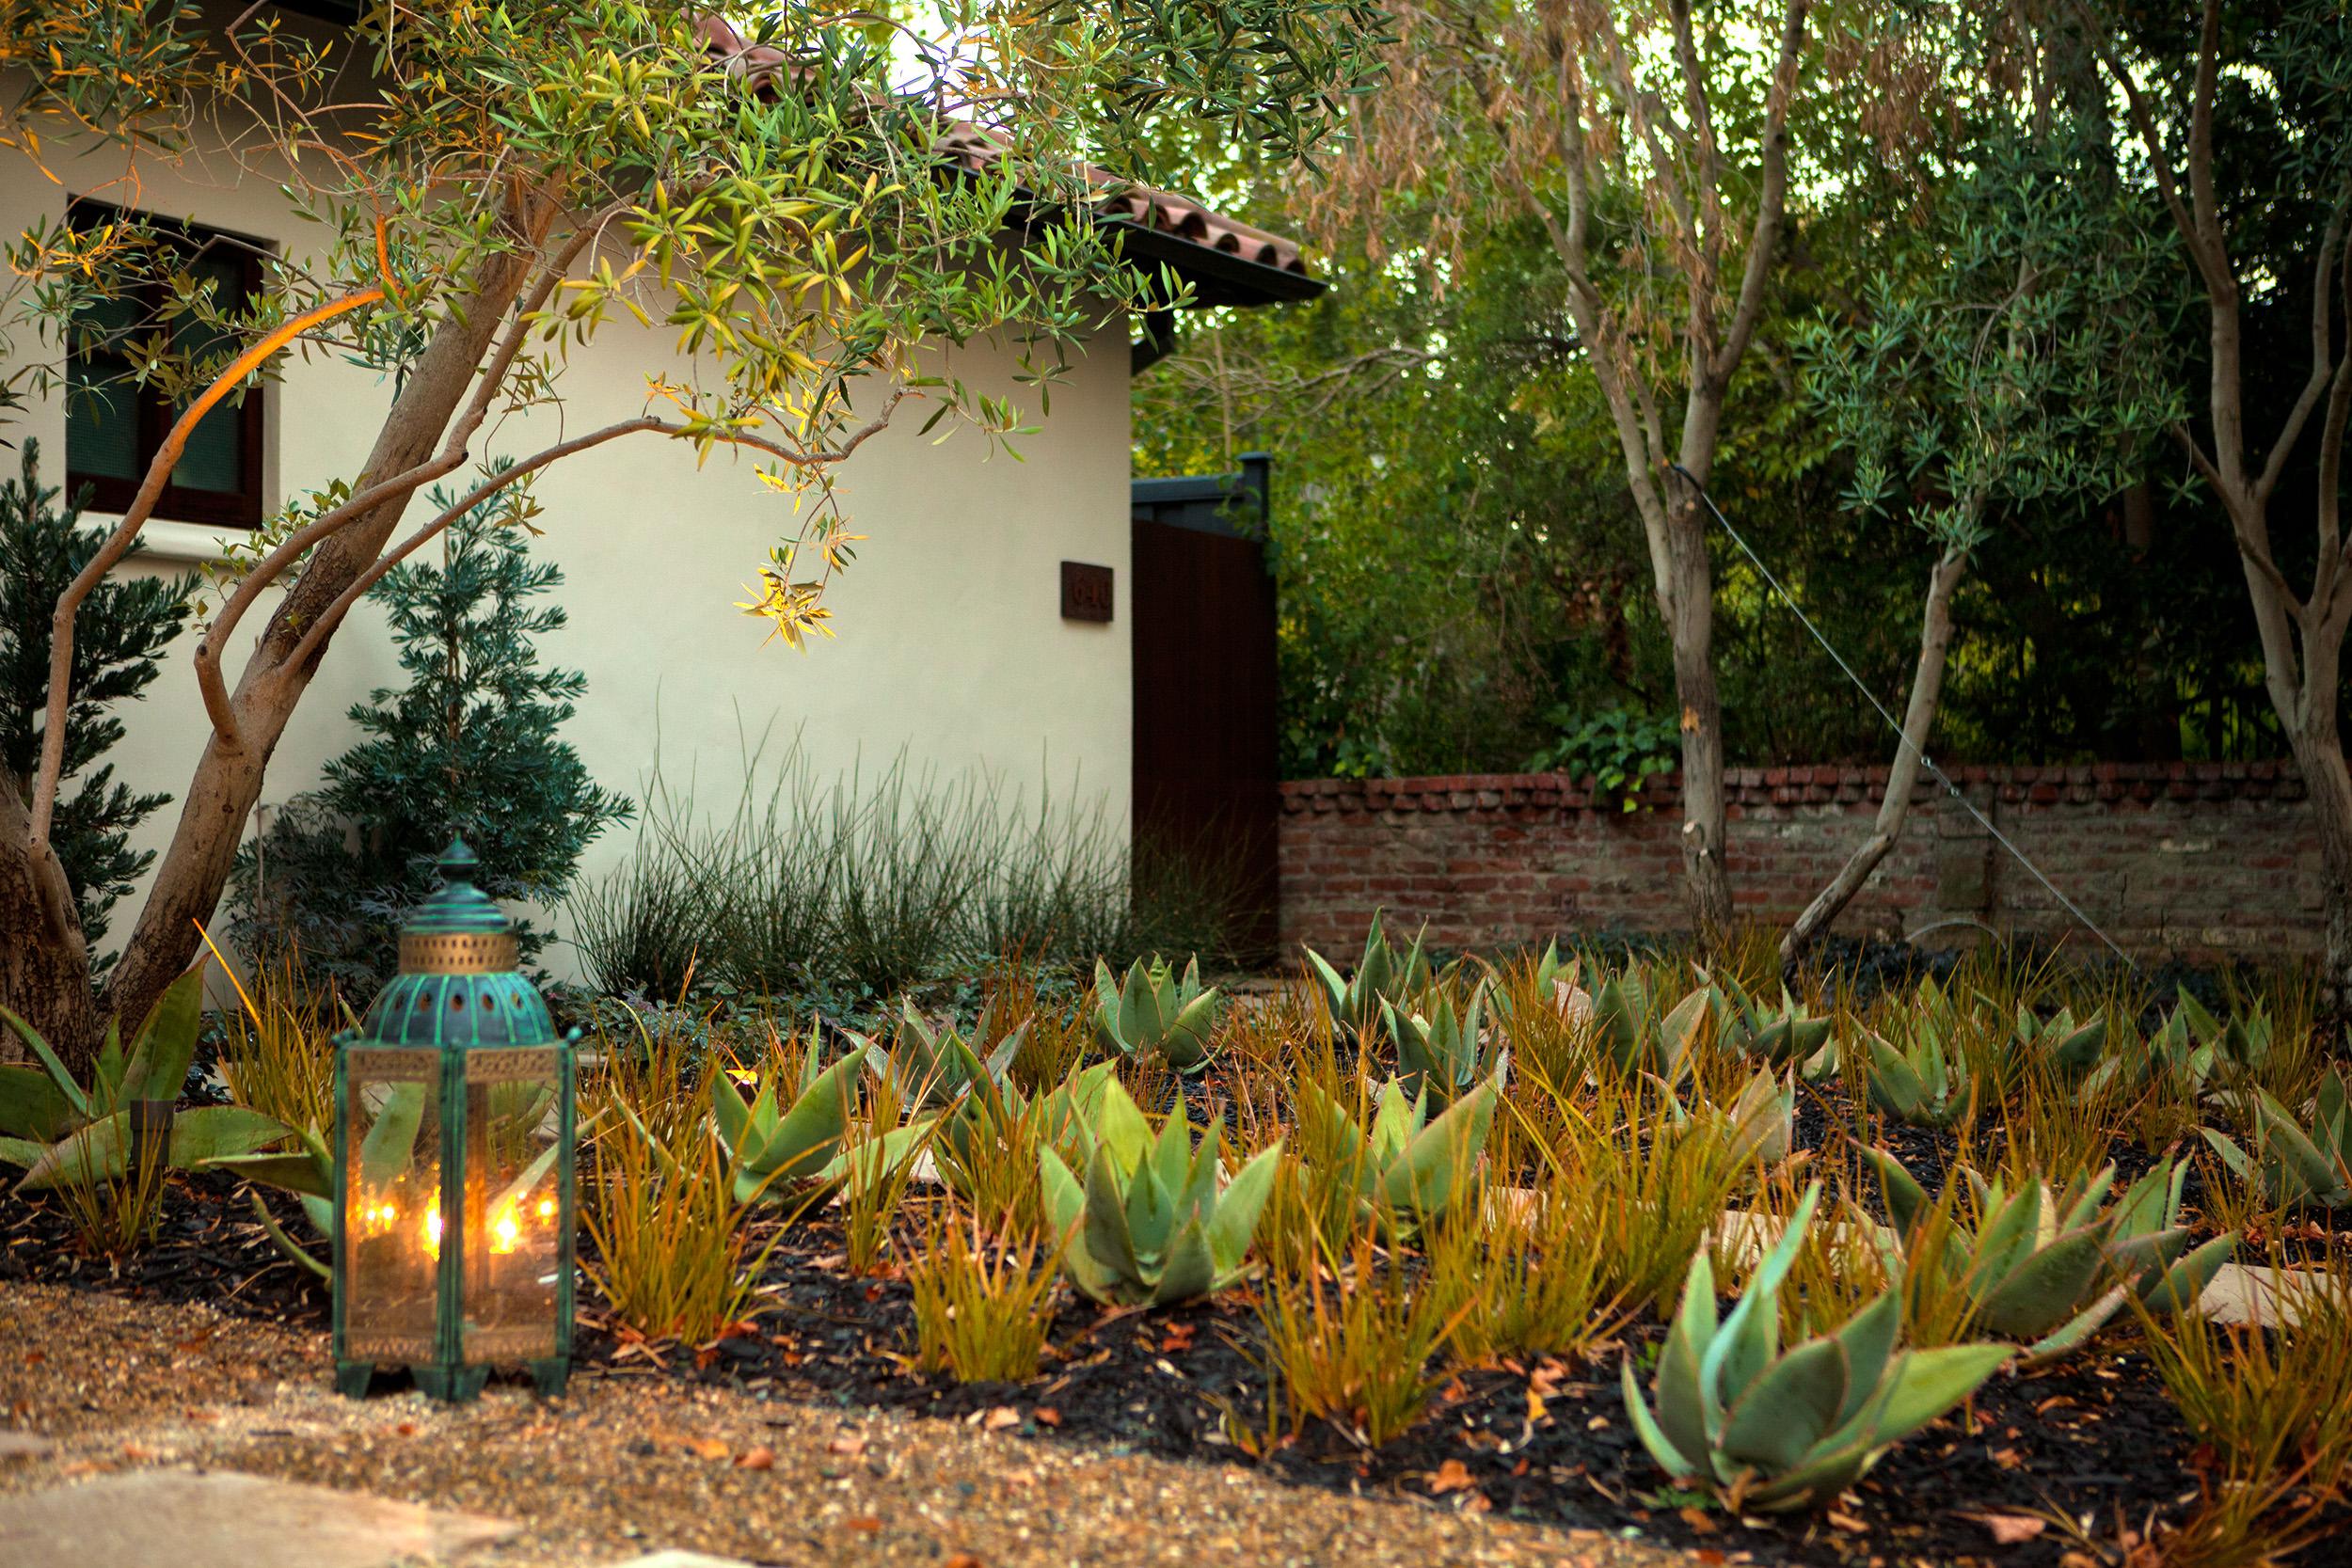 Best Kitchen Gallery: Zeterre Landscape Architecture of Landscape Architecture  on rachelxblog.com